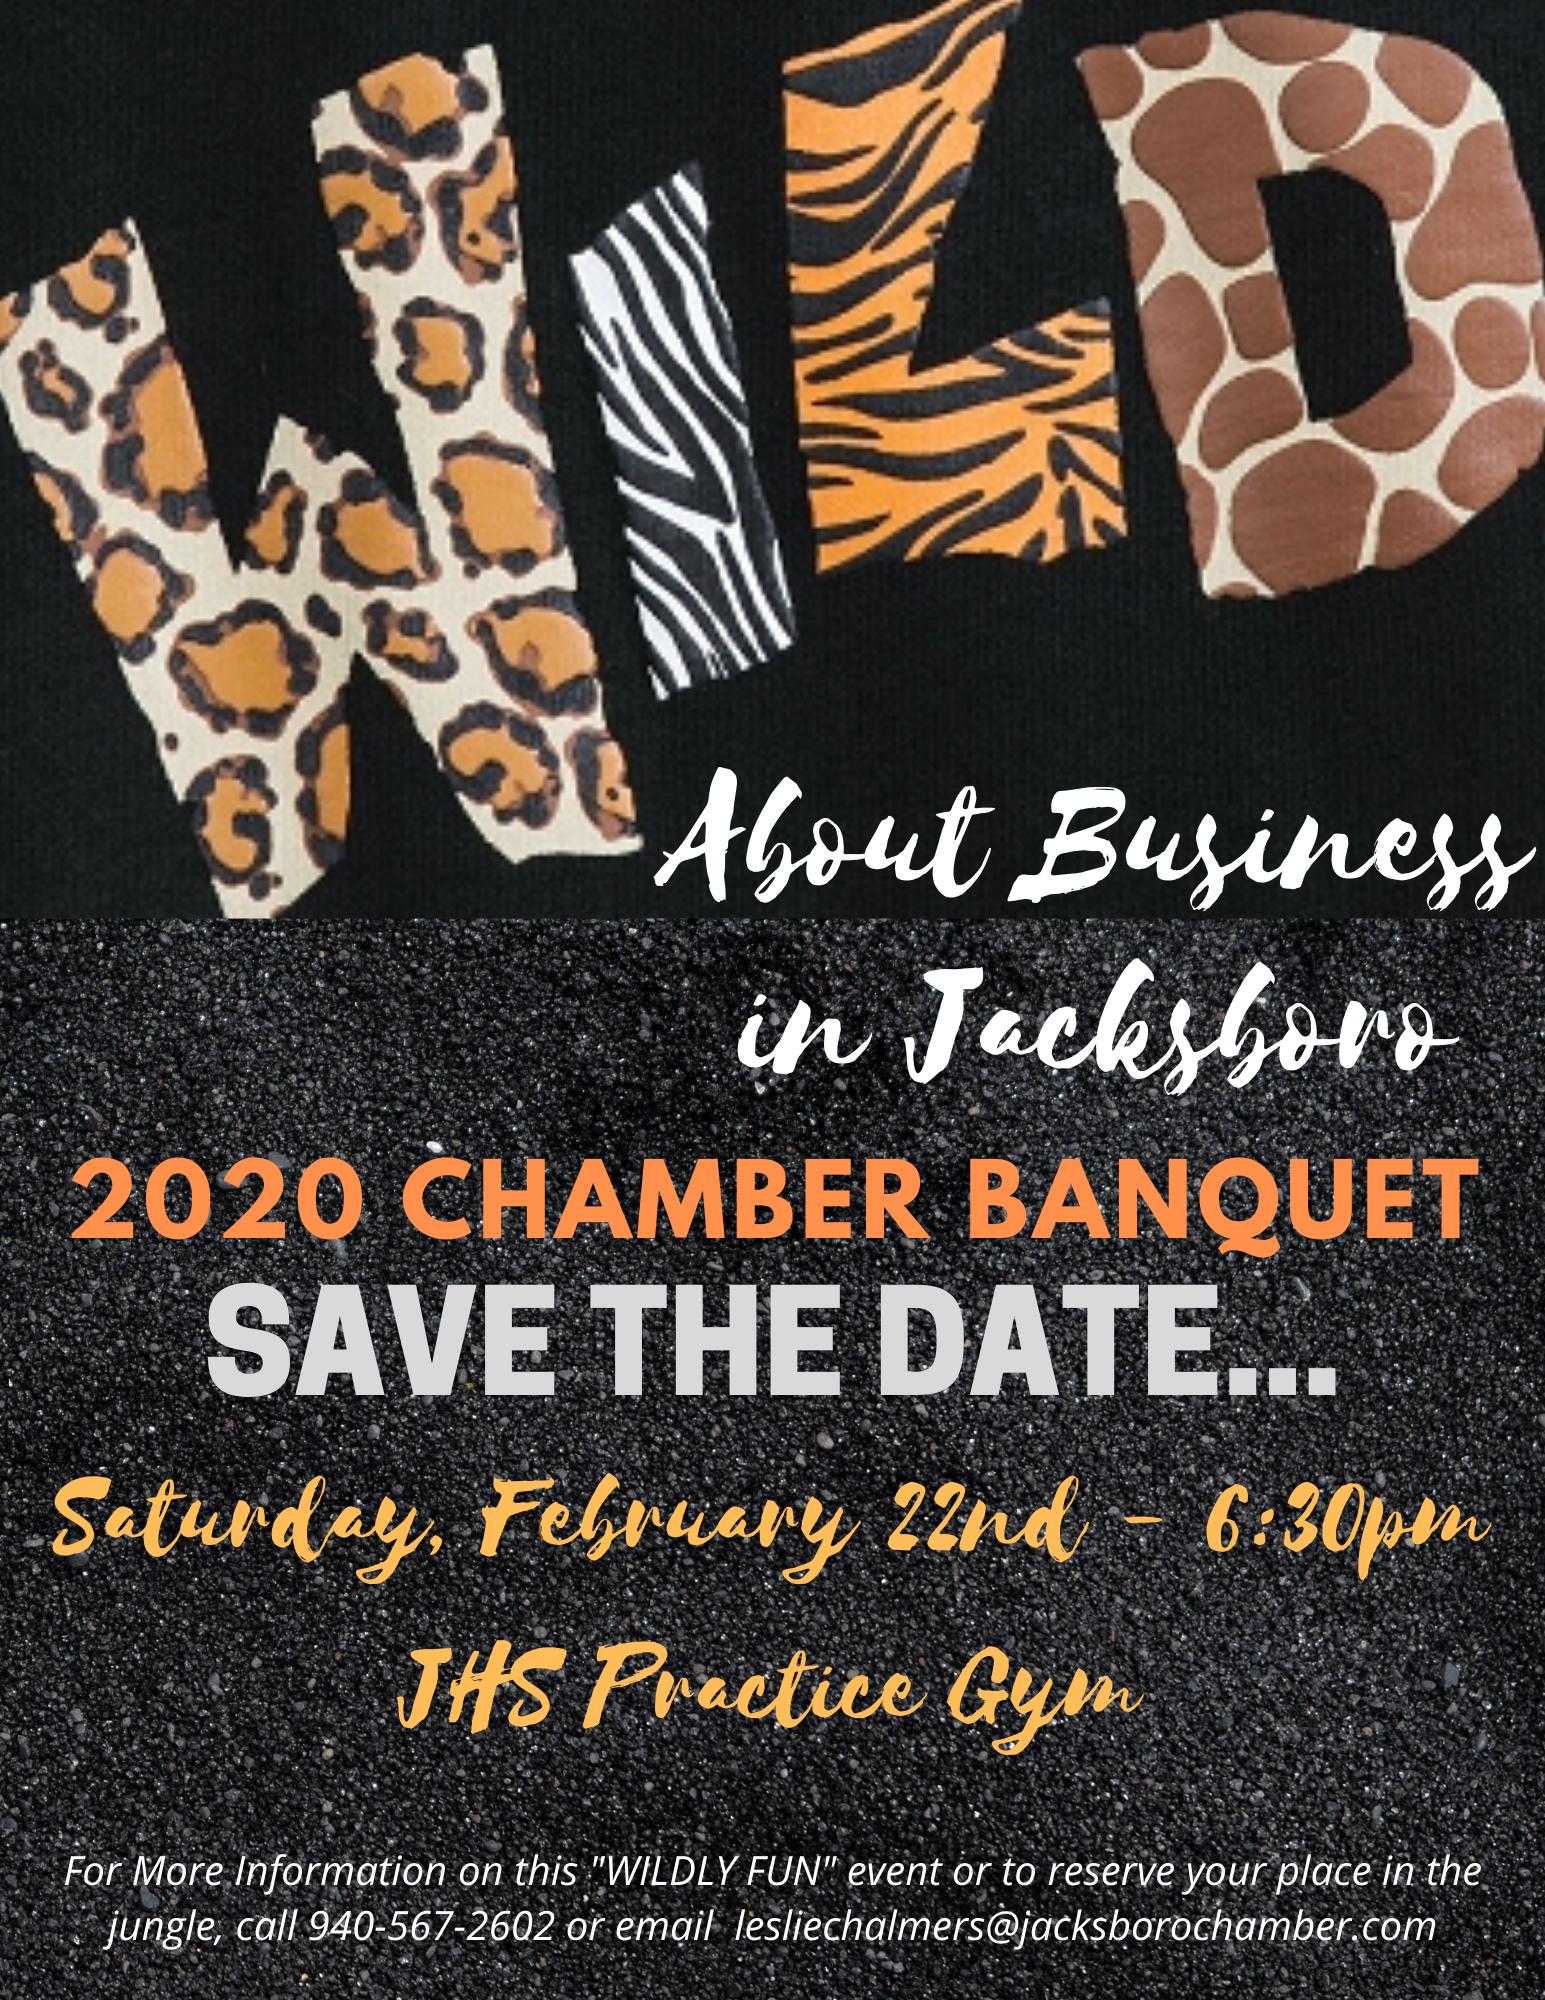 2020 Chamber Banquet